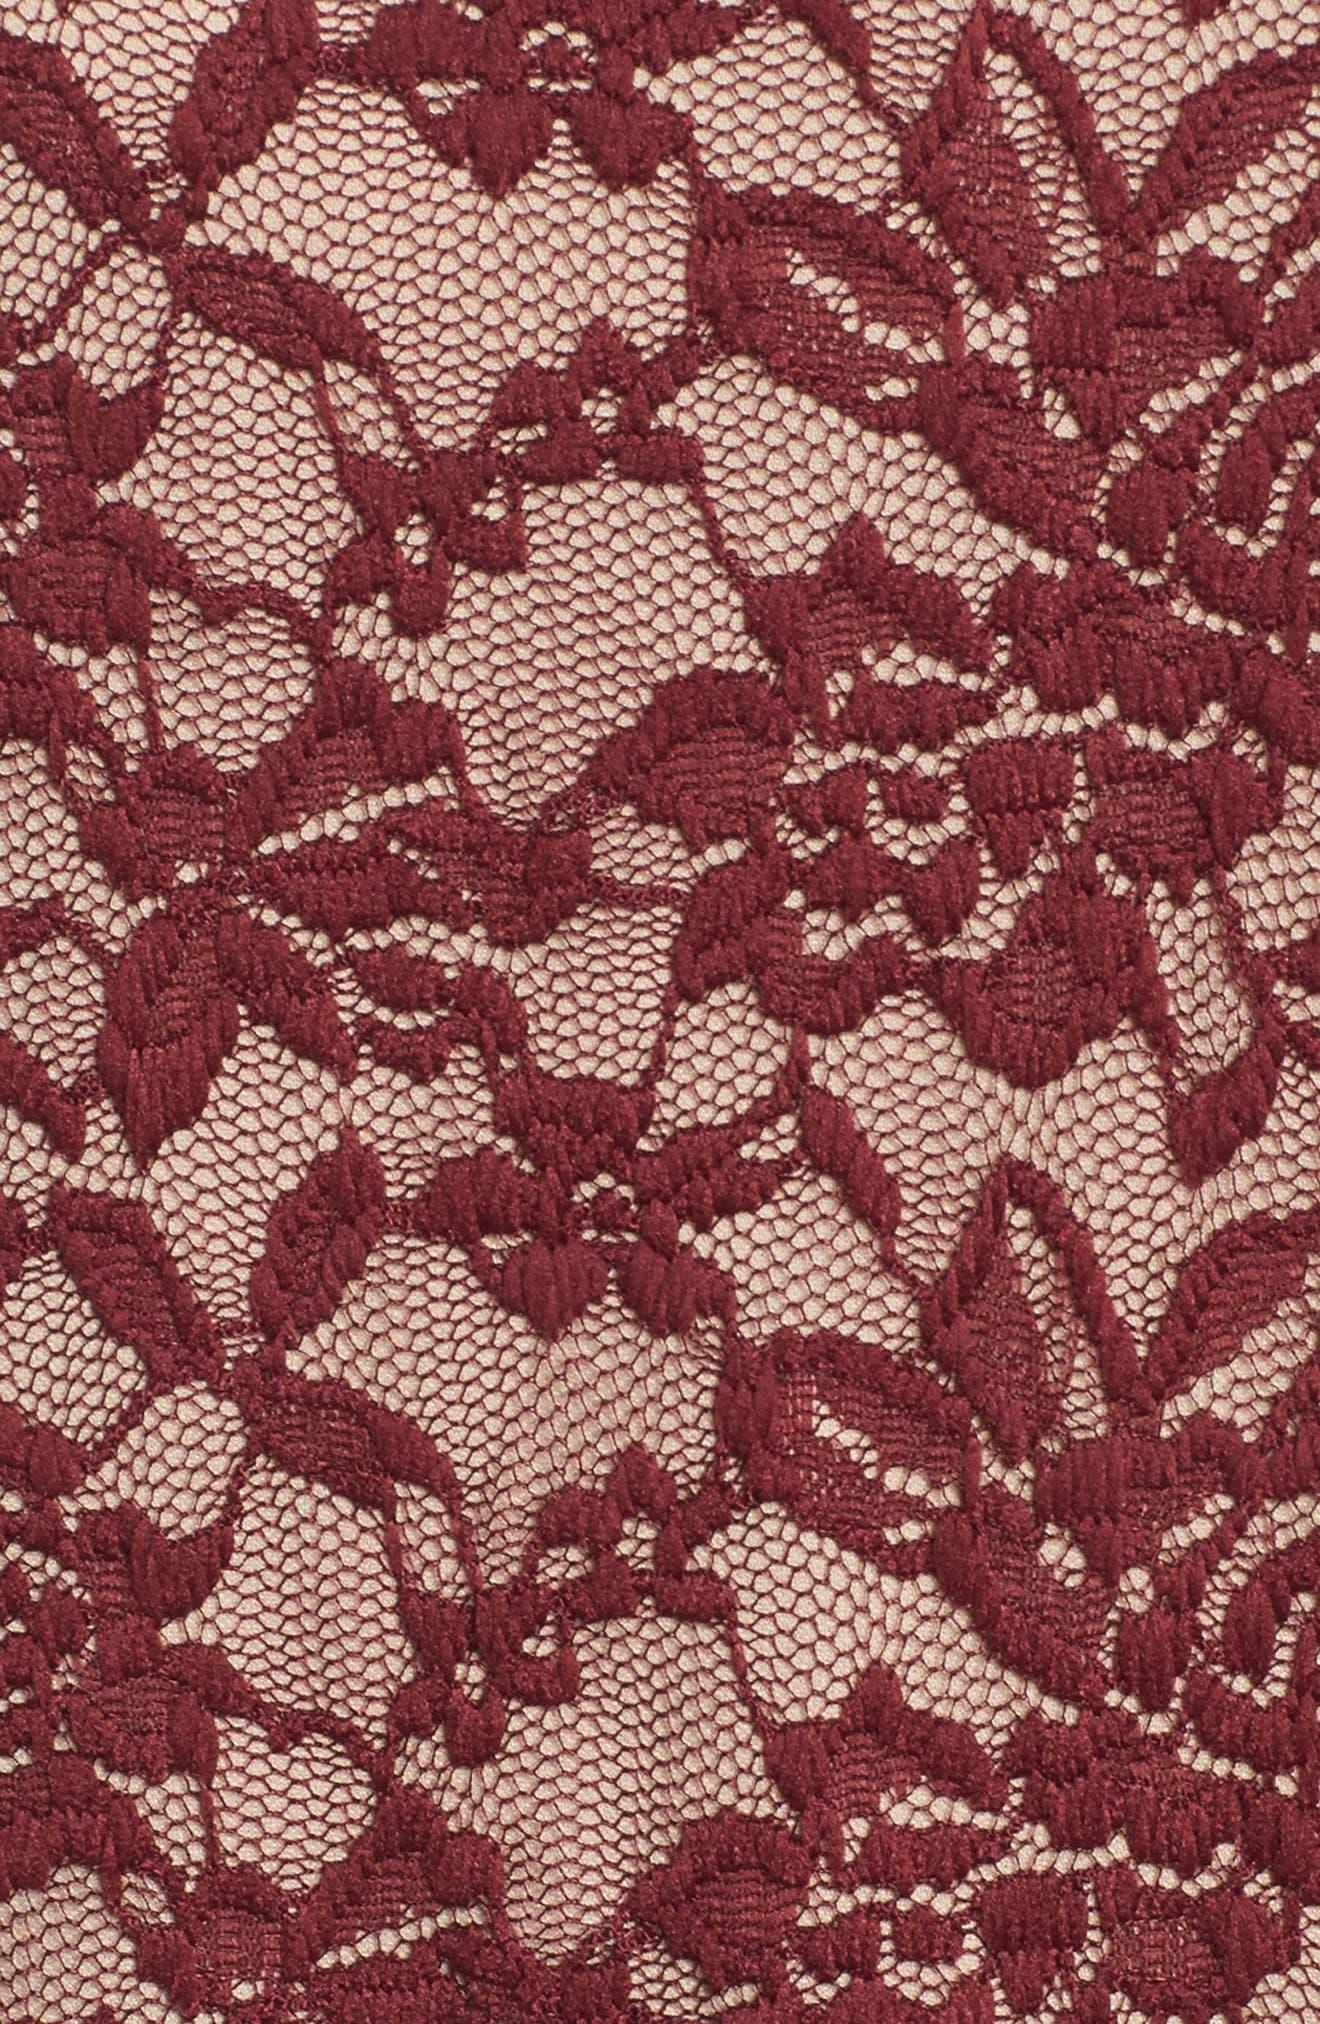 Mock Neck Lace Top,                             Alternate thumbnail 5, color,                             Zinfandel